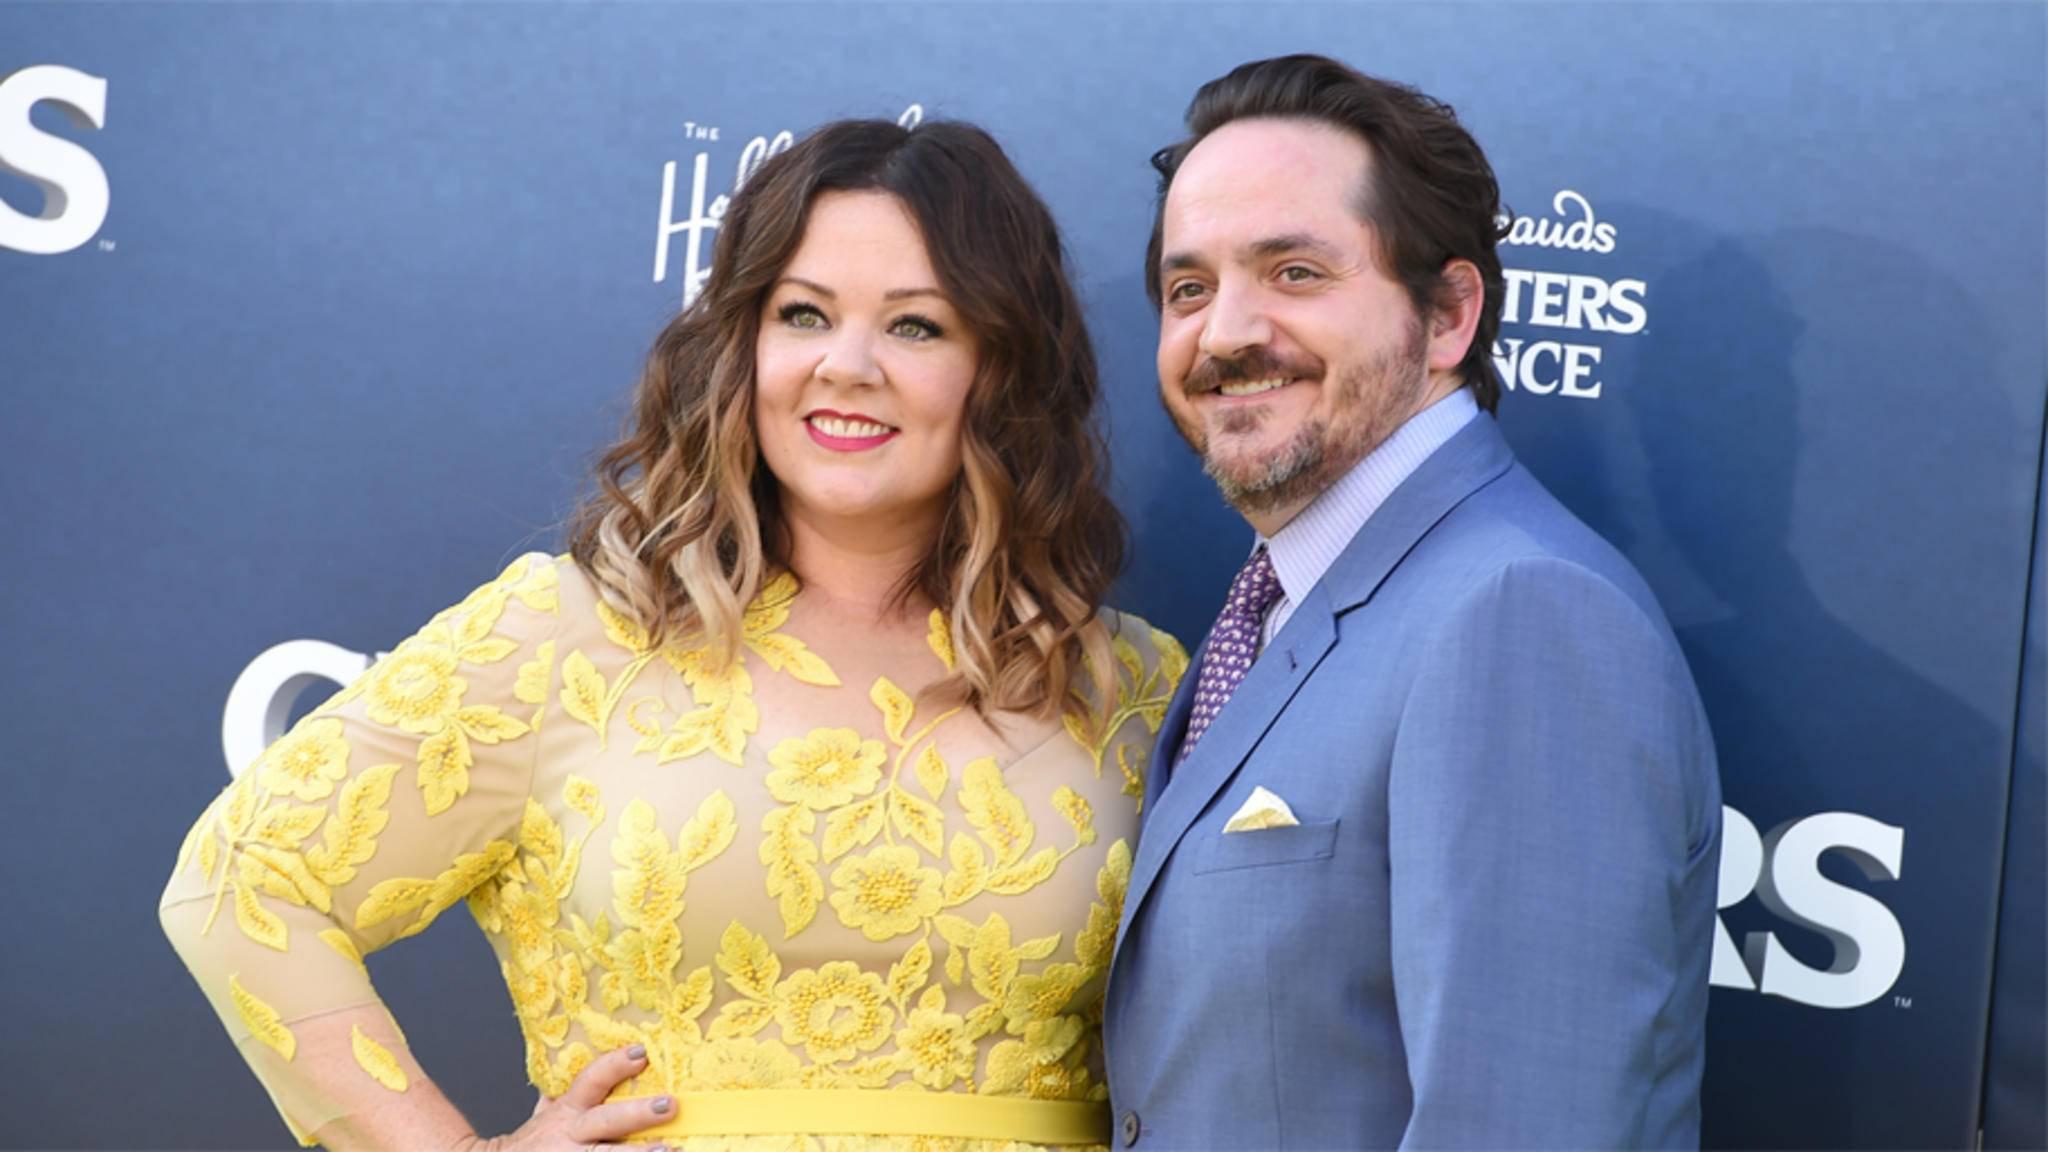 Auch beruflich ein gutes Team: Melissa McCarthy und Ben Falcone gehen unter die Produzenten.